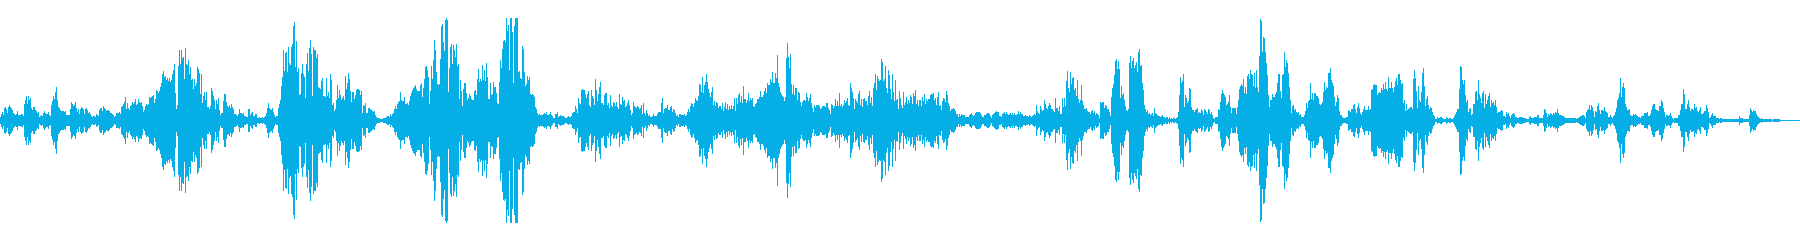 ロボットステルスムーブメントロング...の再生済みの波形